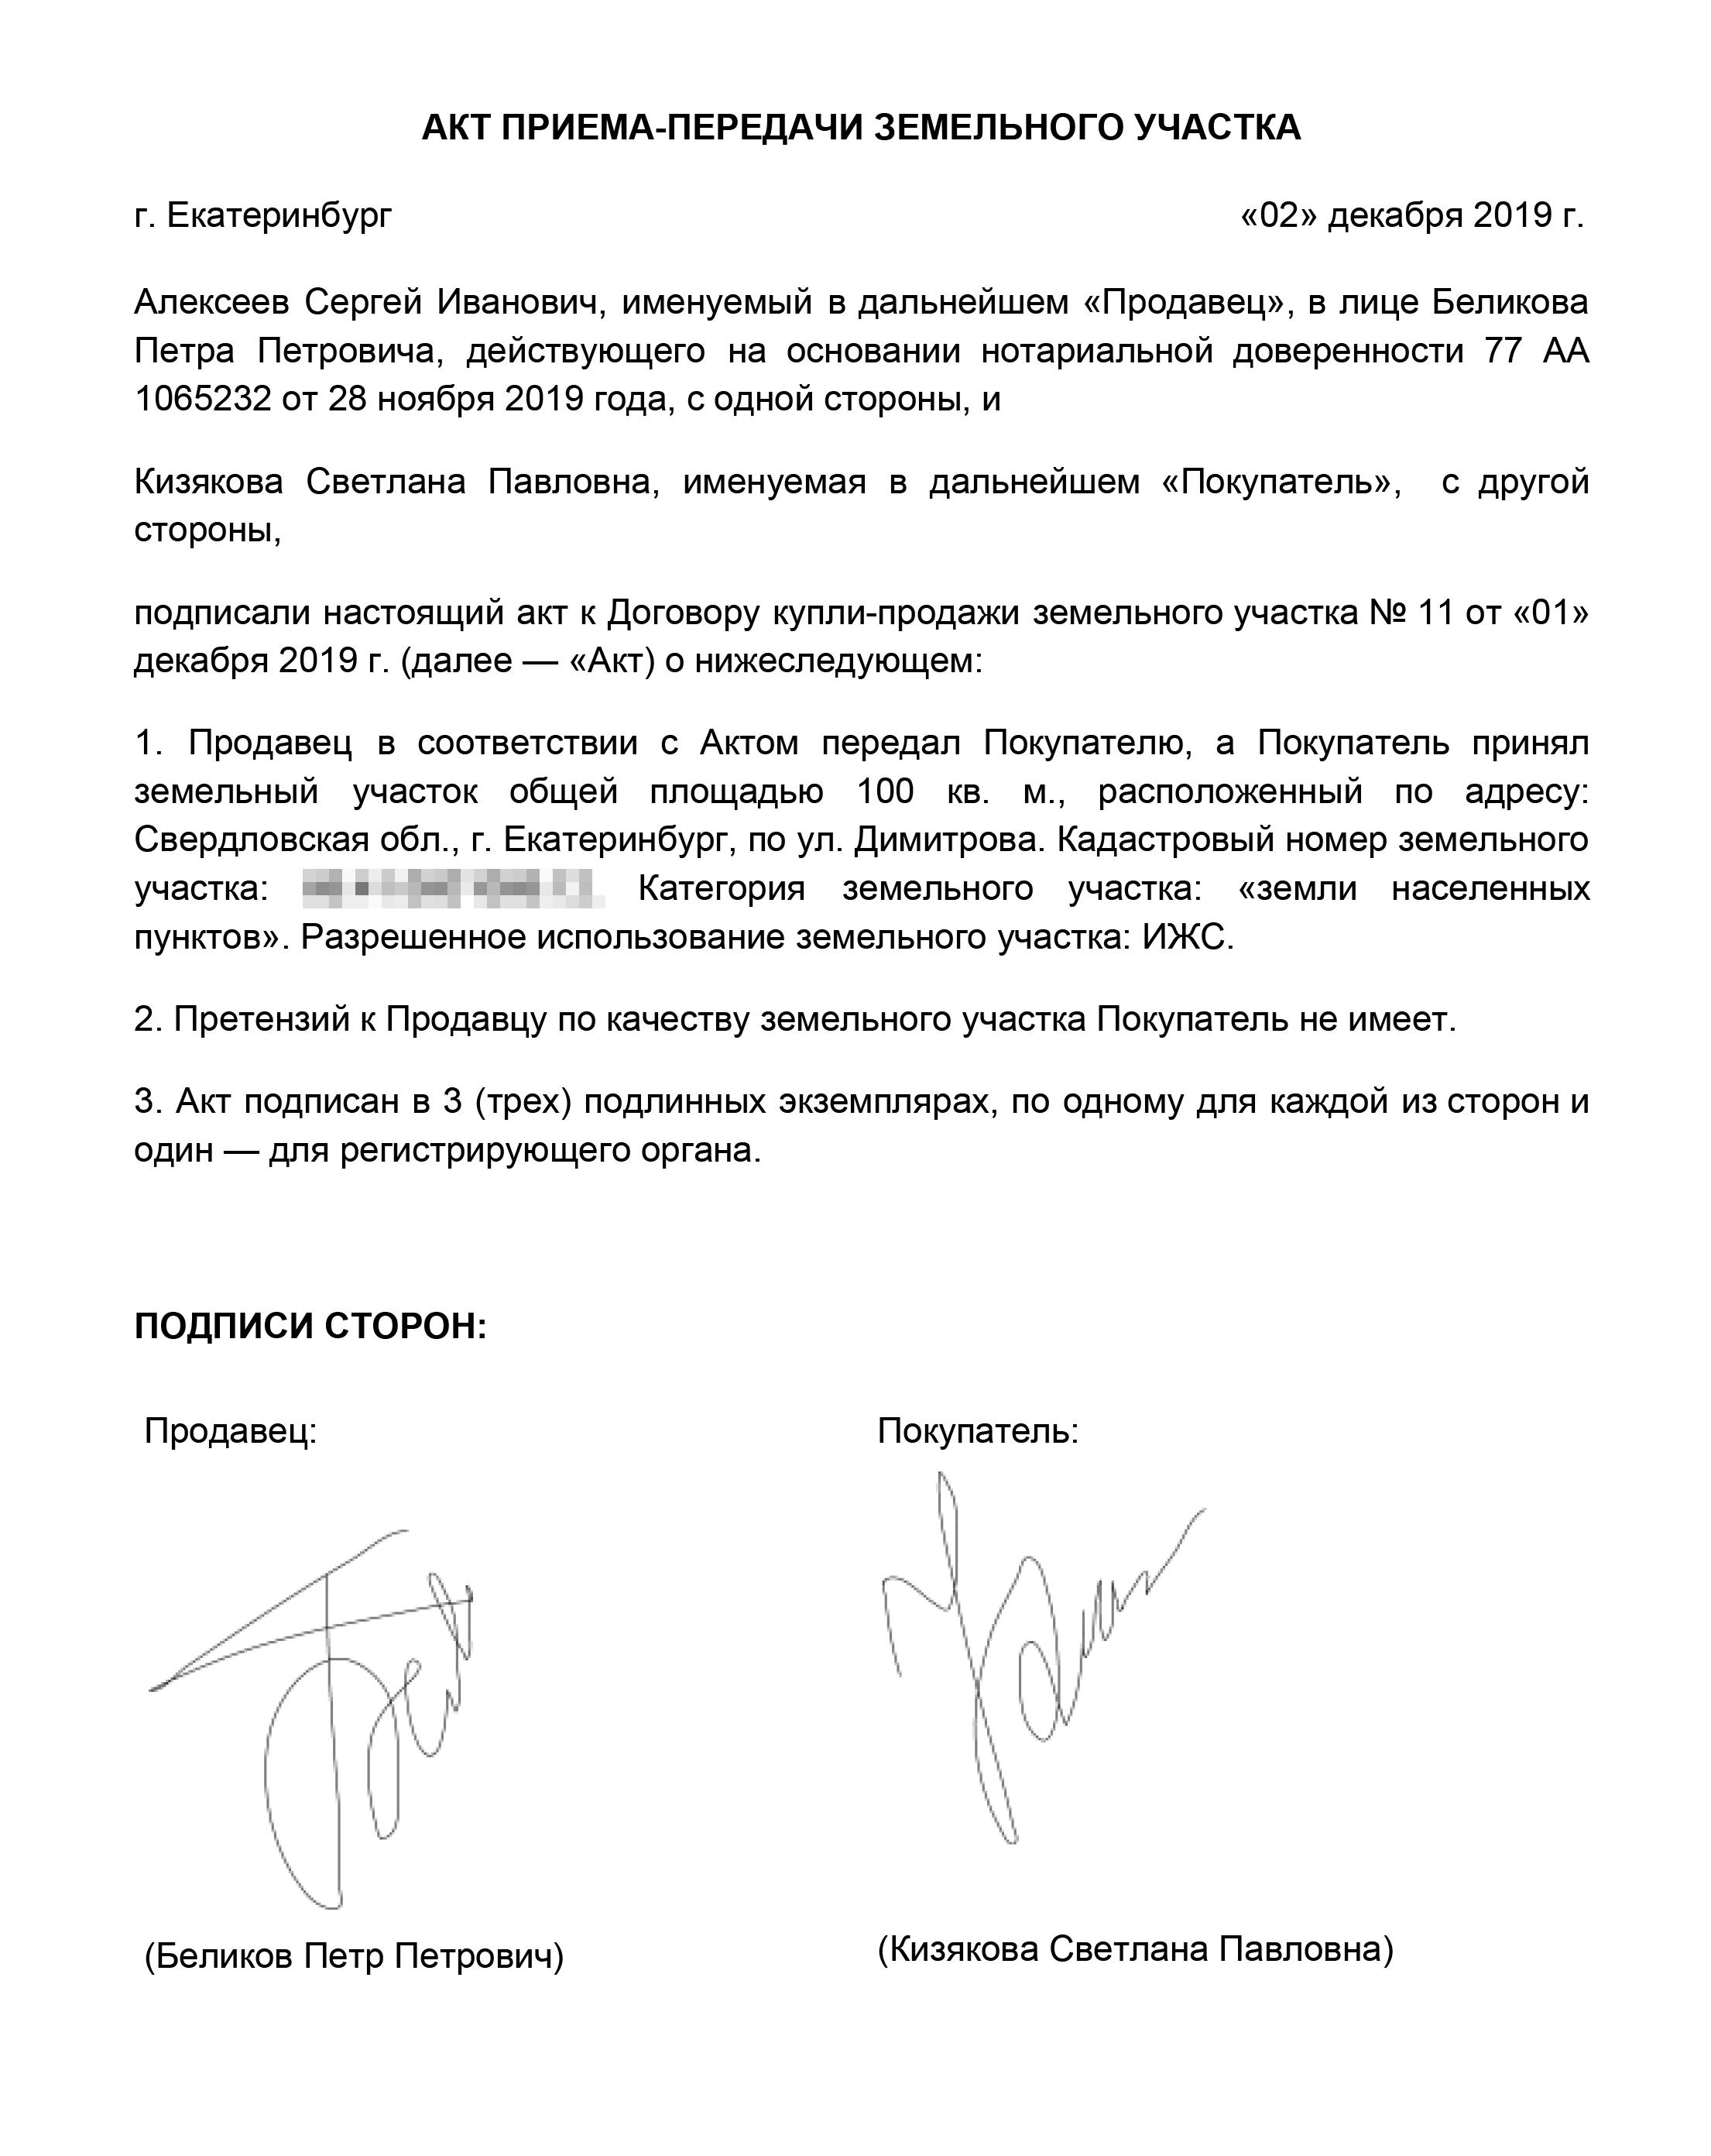 Образец акта приема-передачи земельного участка